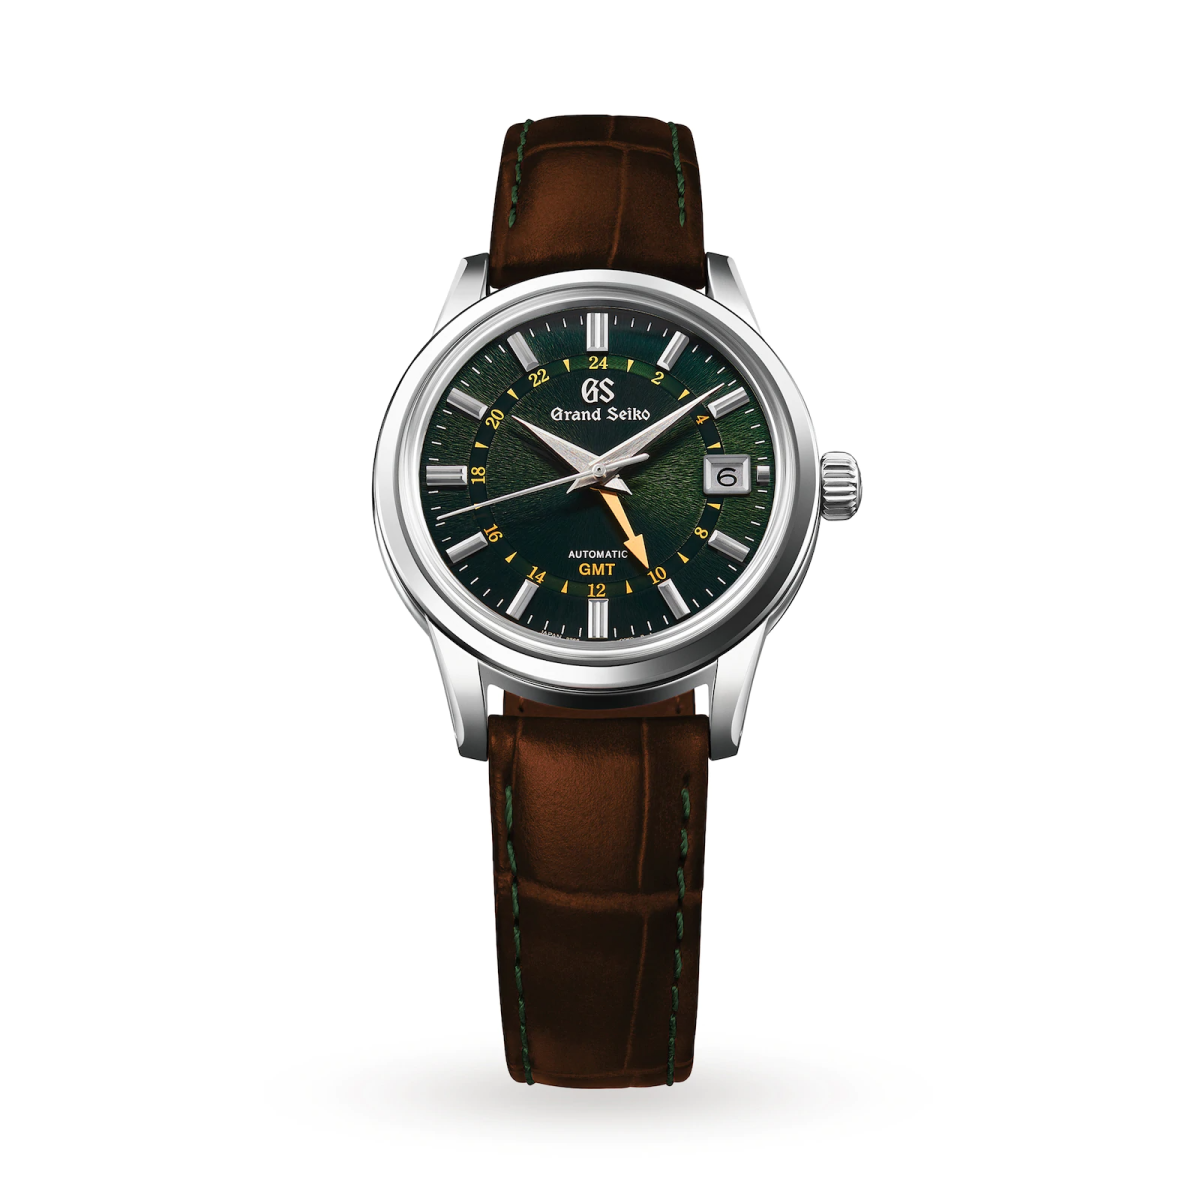 Watches of Switzerland x Grand Seiko